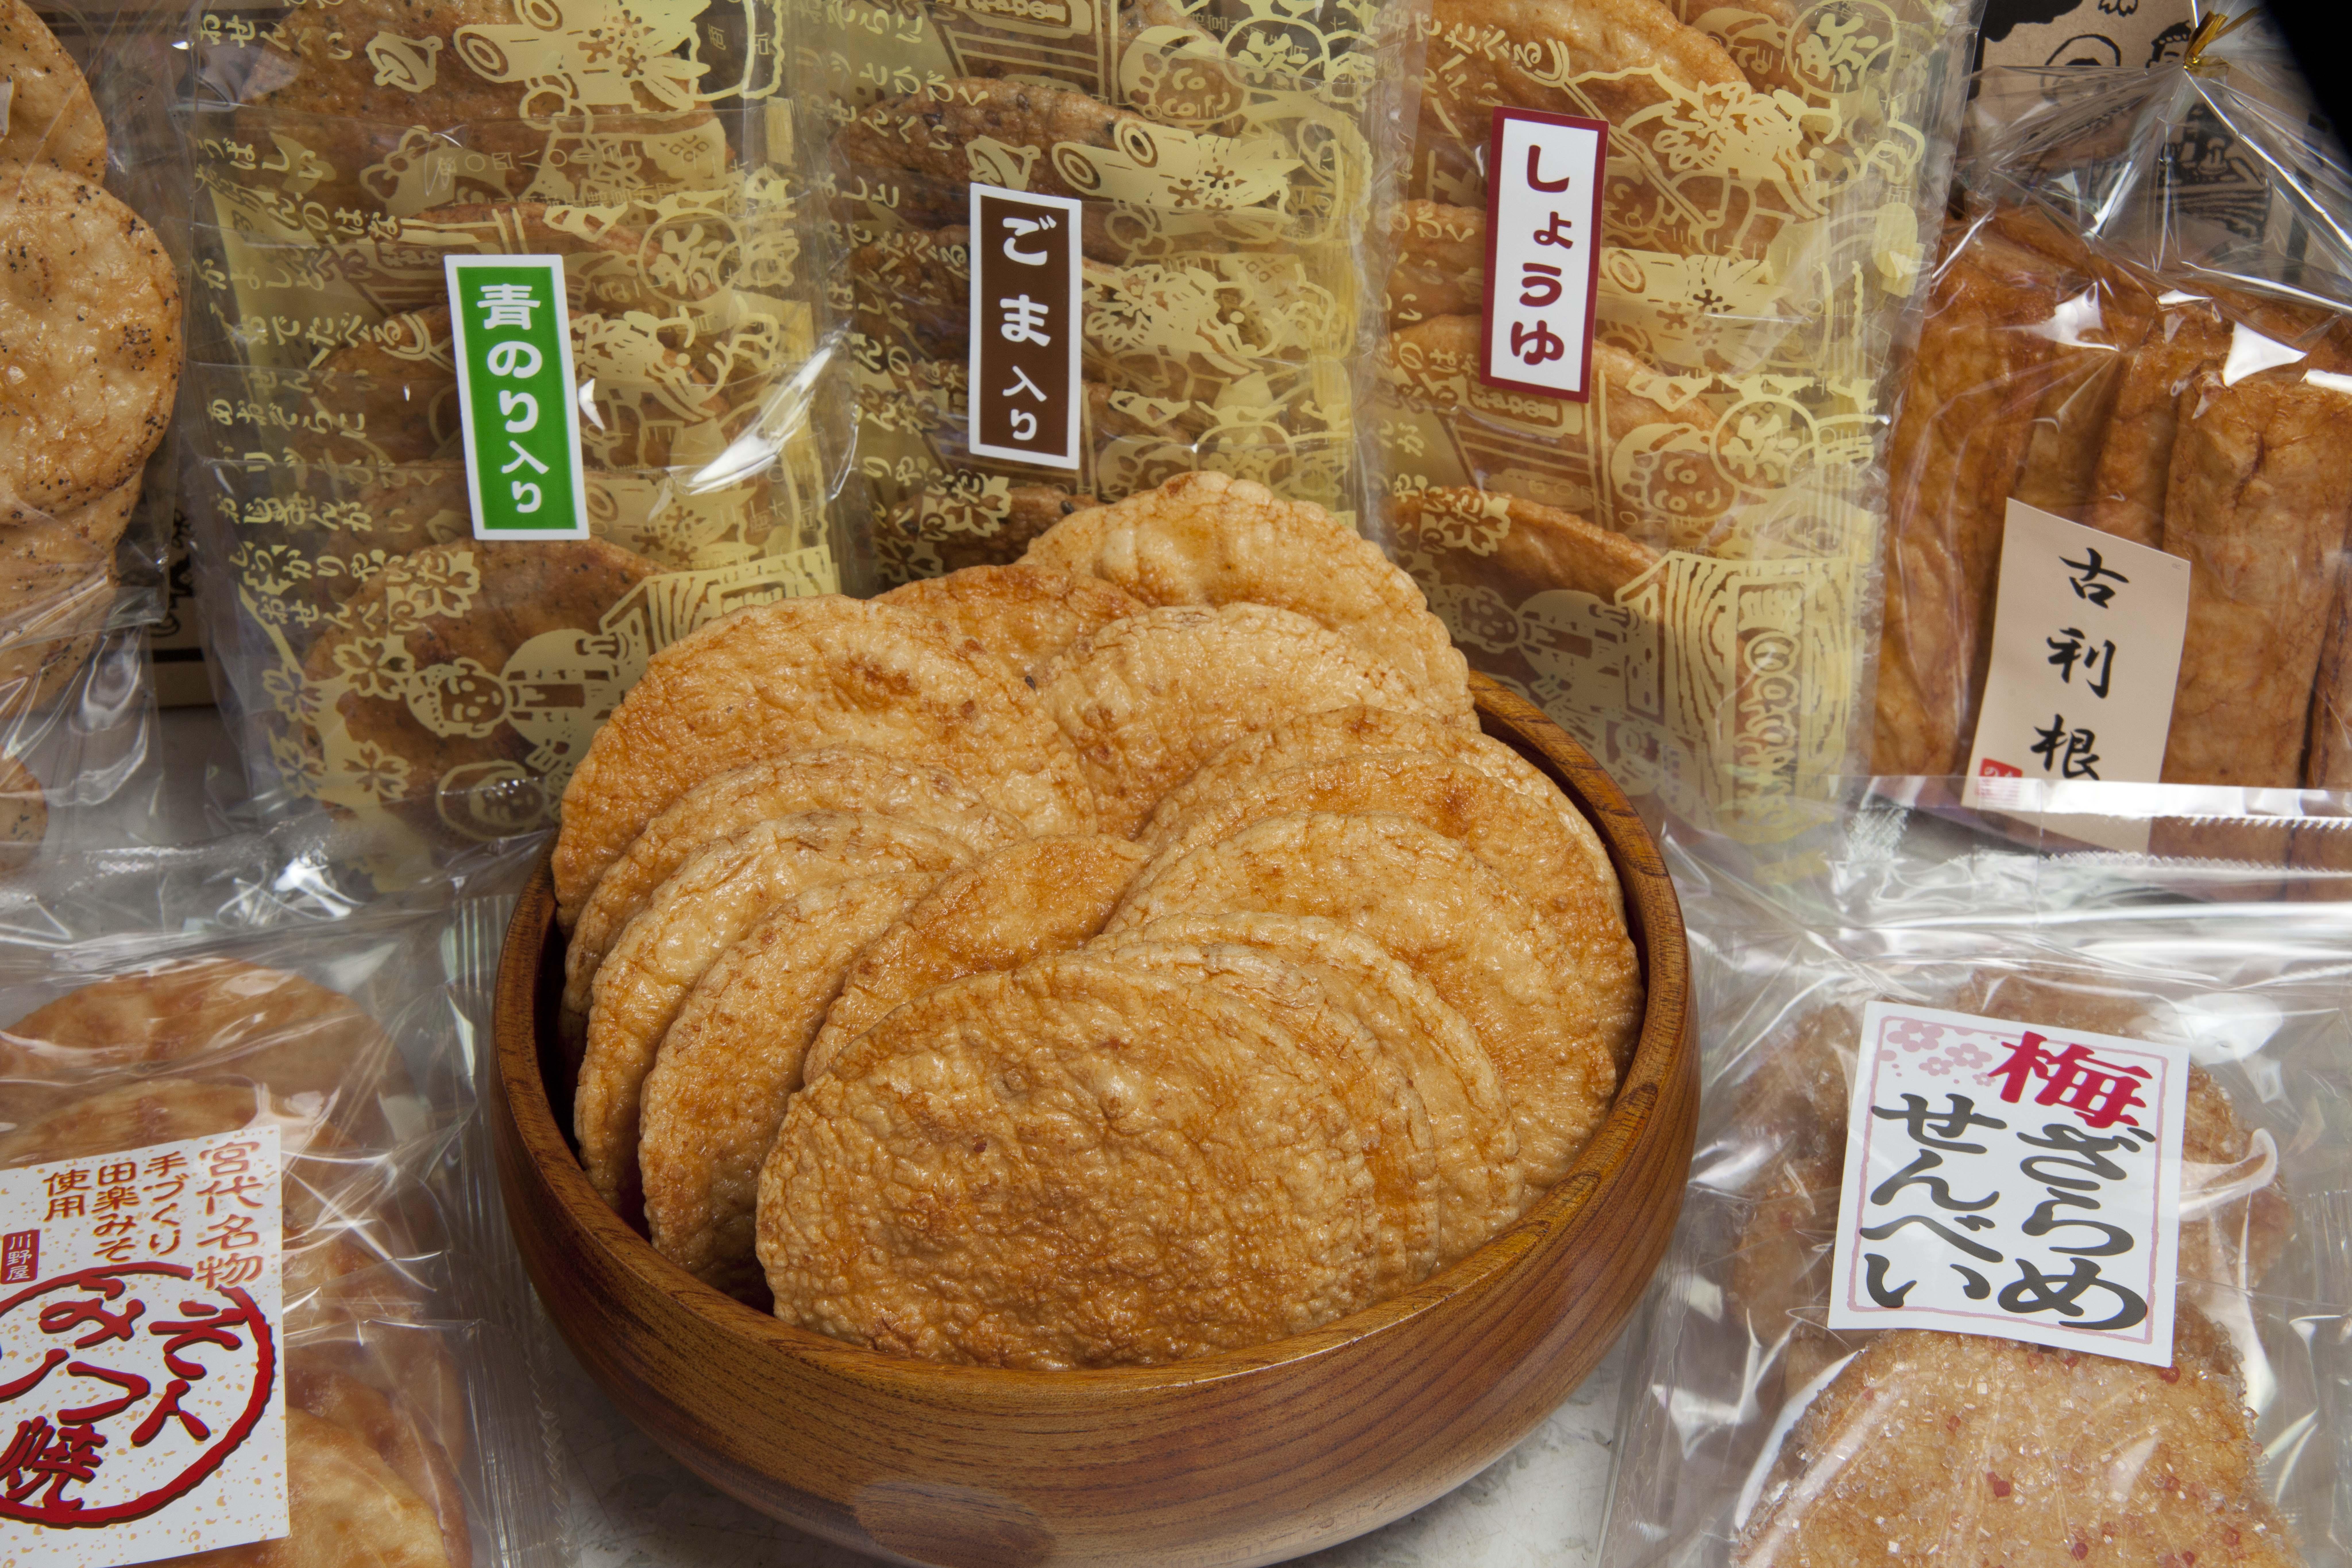 川野武次郎商店のせんべい